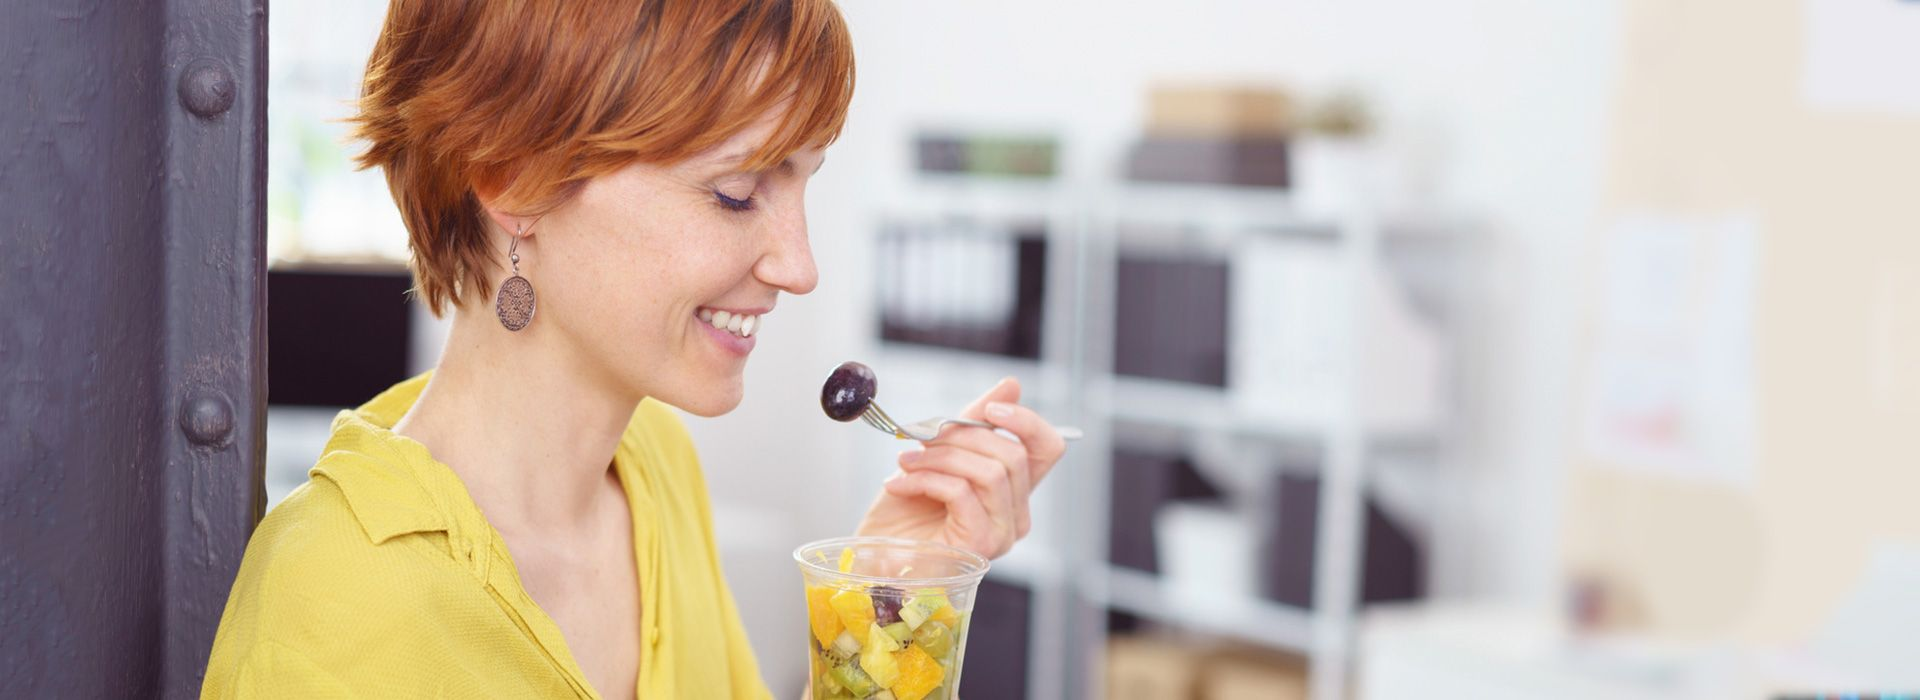 Gesunde Snacks Uberlisten Dein Hungergefuhl Gesunde Ernahrung Tipps Gesunde Snacks Gesundheit